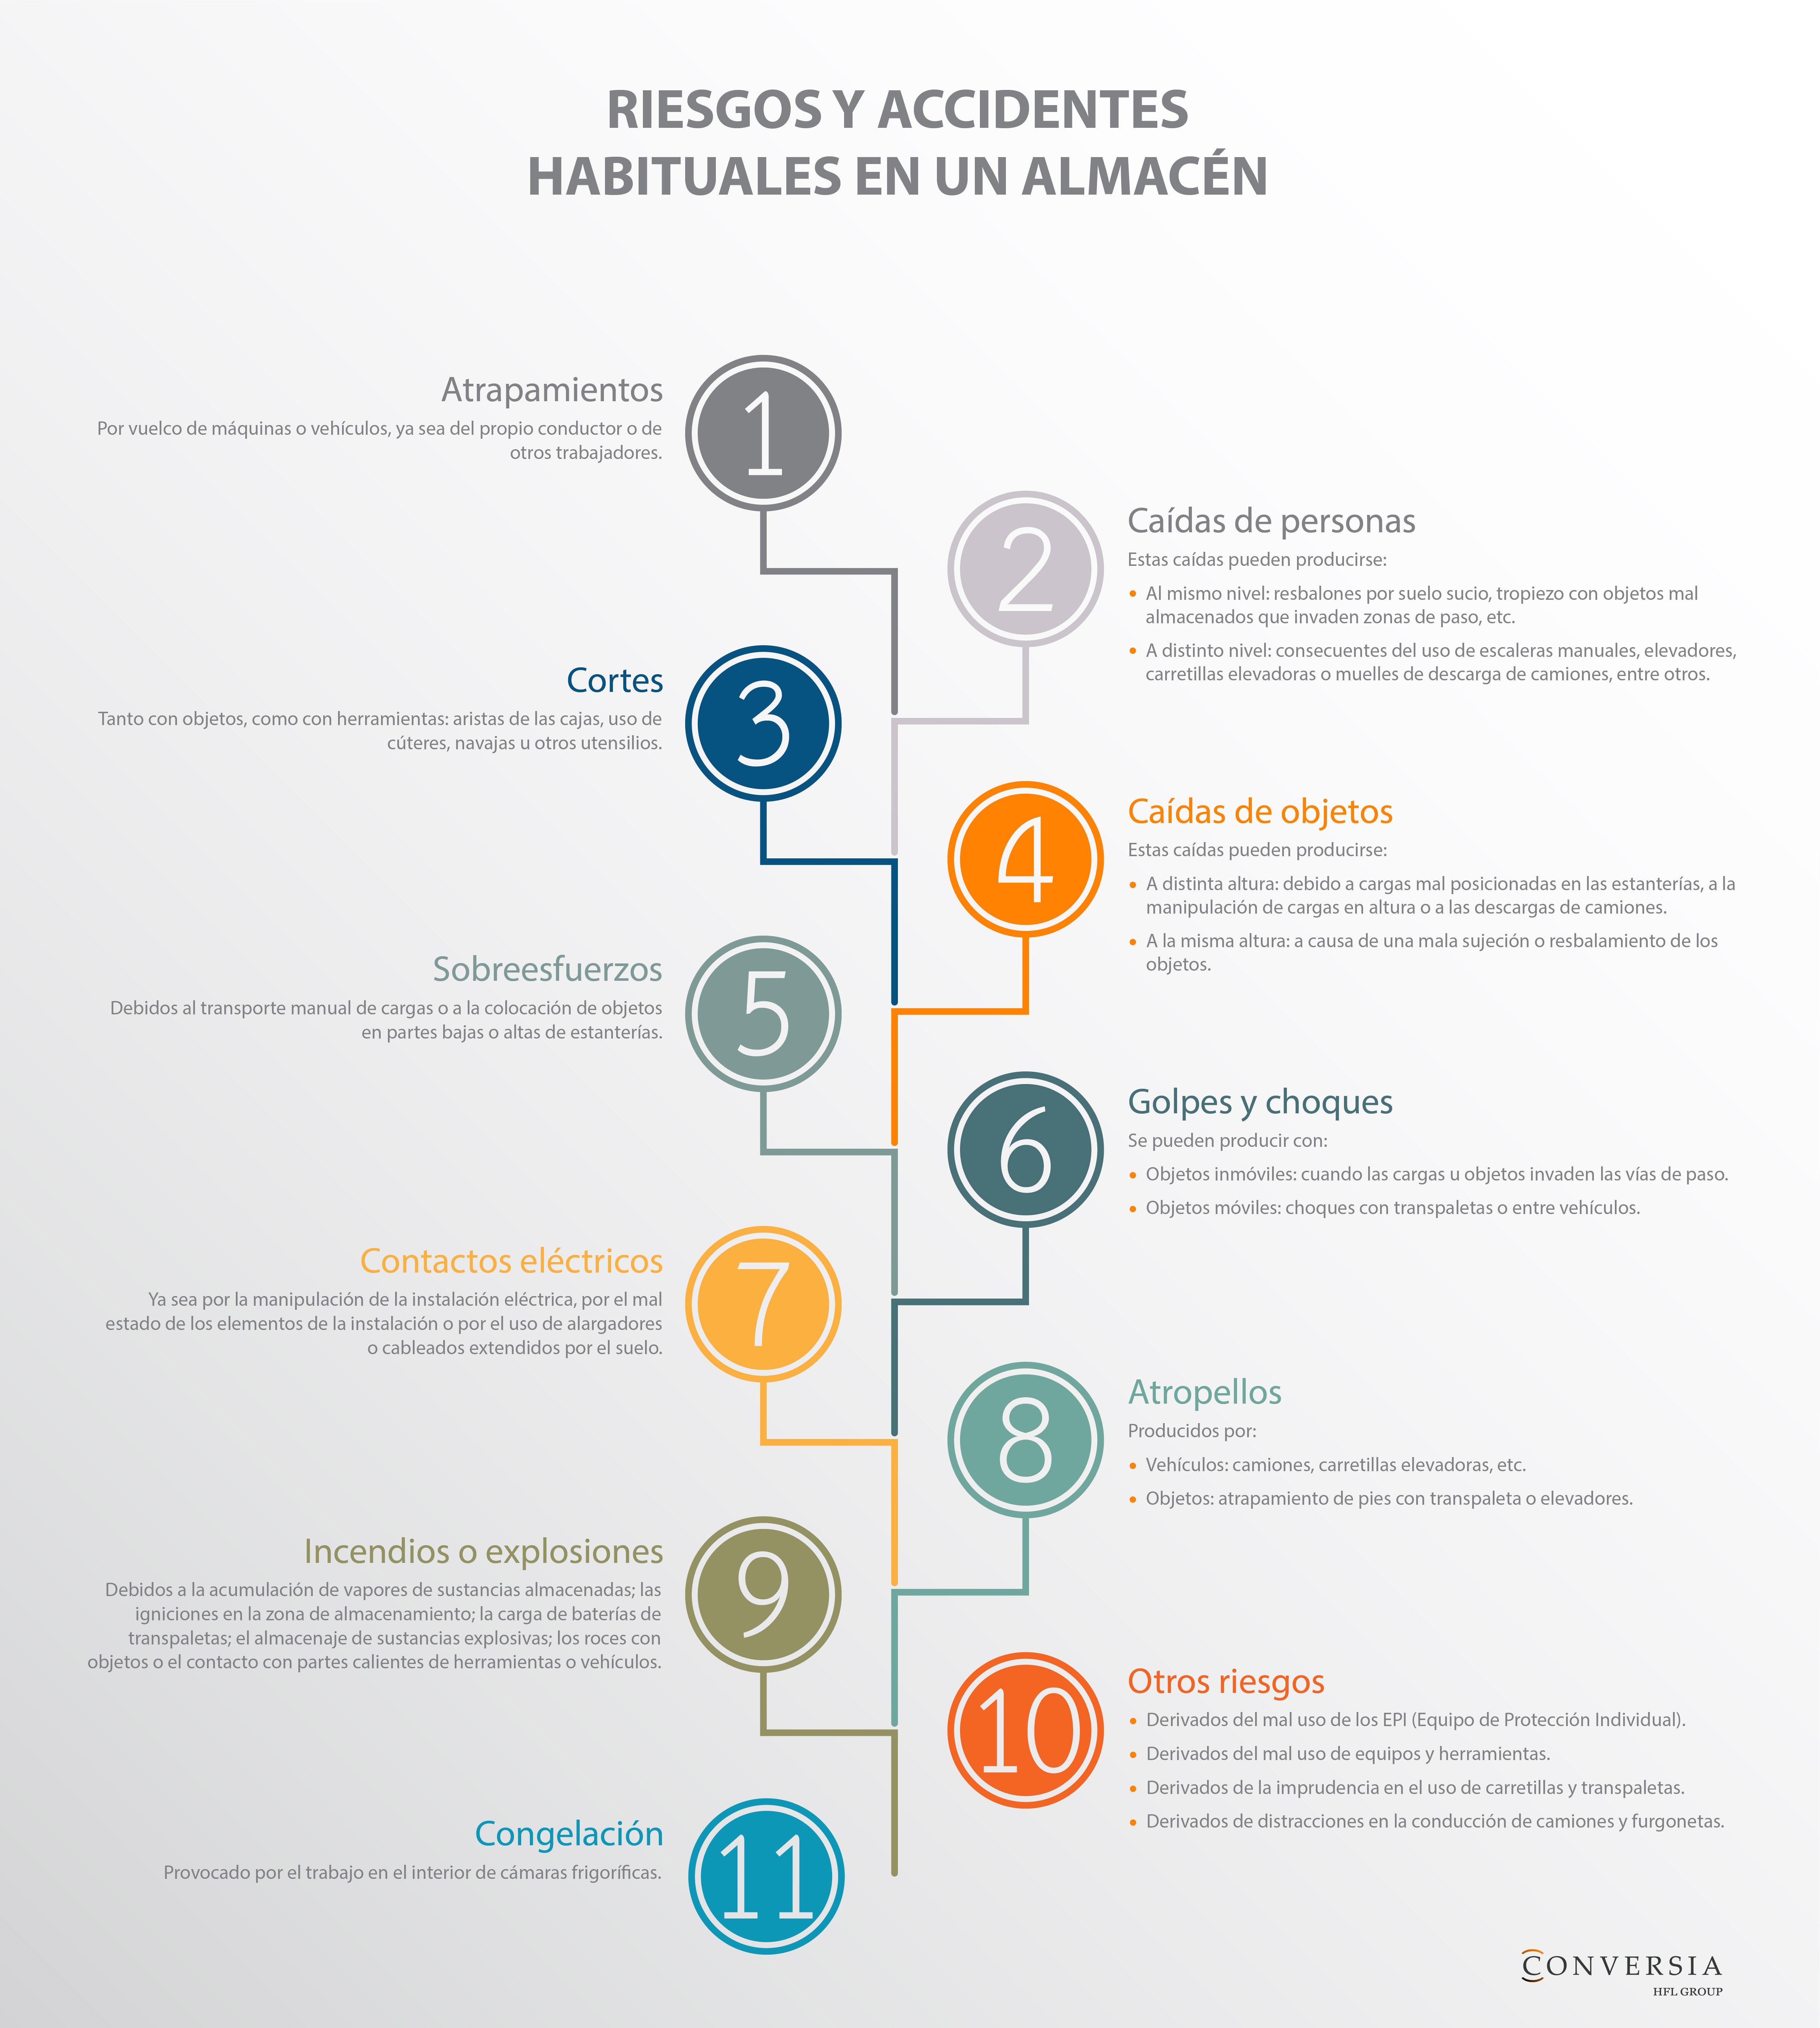 Infografía de Conversia sobre los riesgos y accidentes laborales más habituales en un almacén